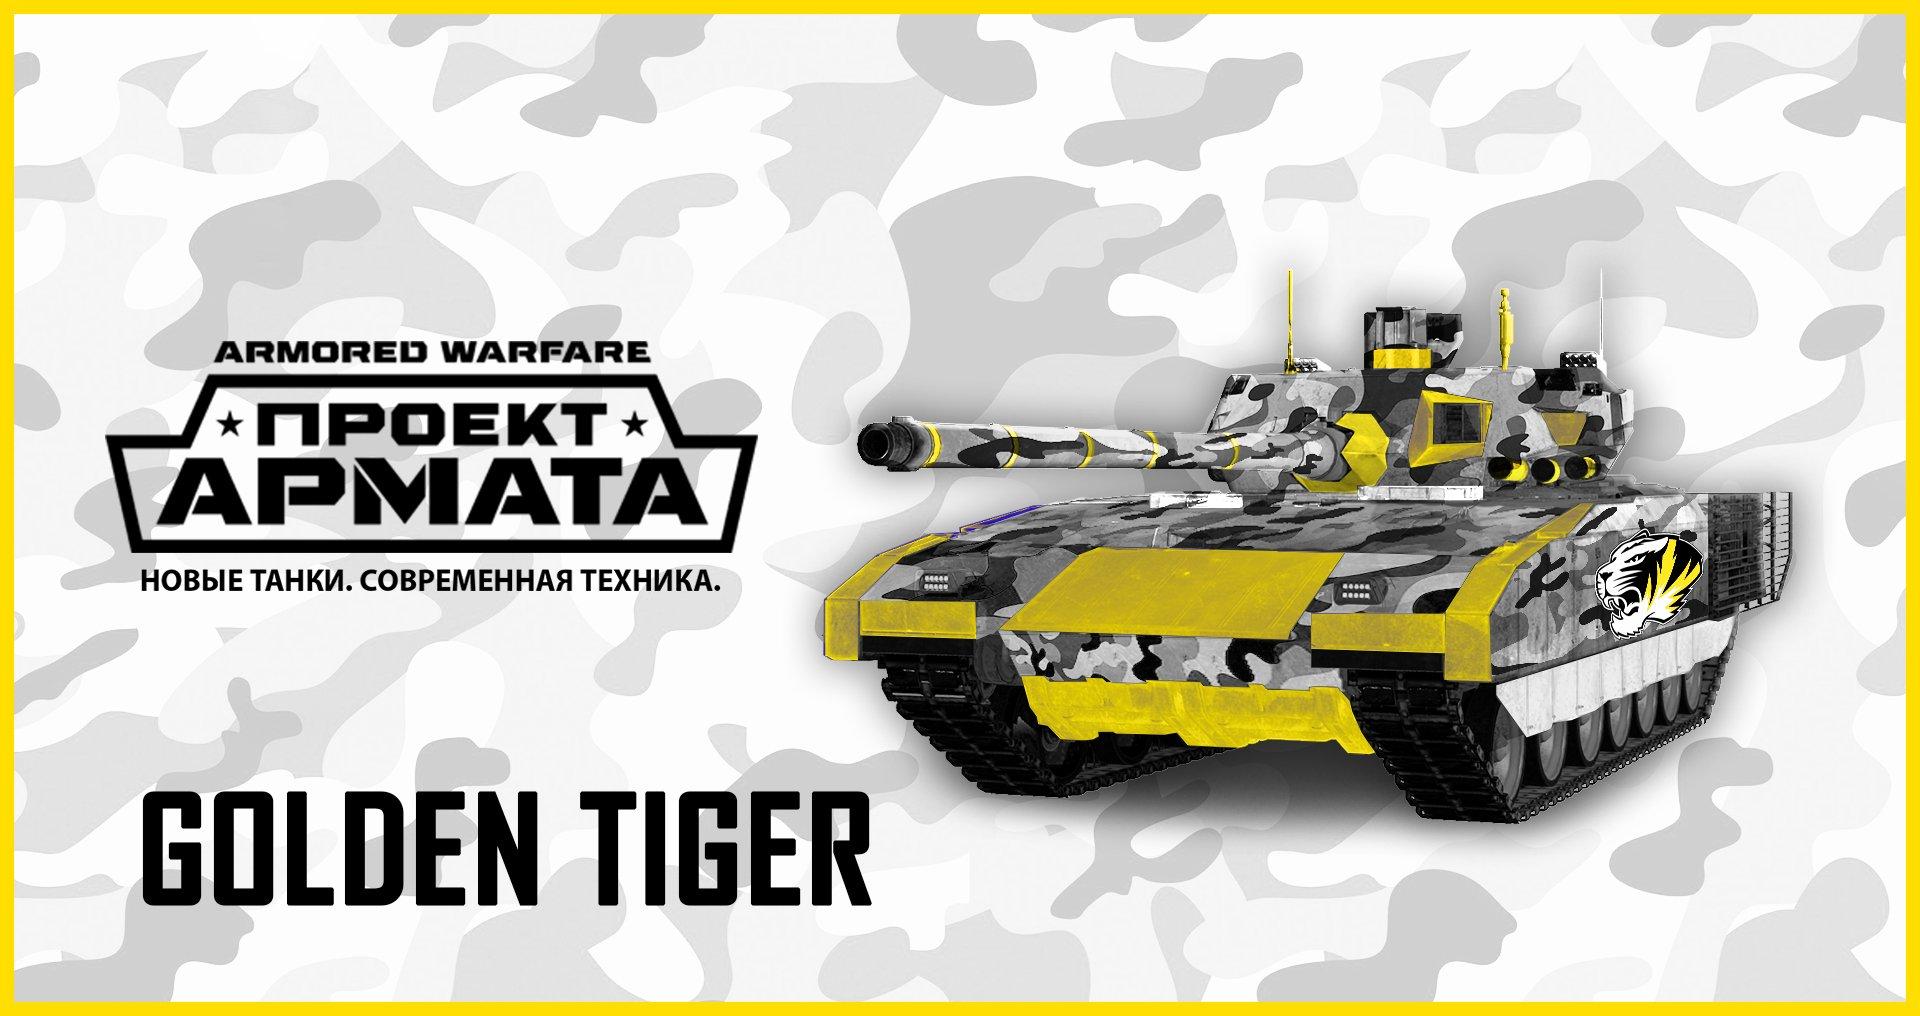 Т-14 GOLDEN TIGER - Изображение 1